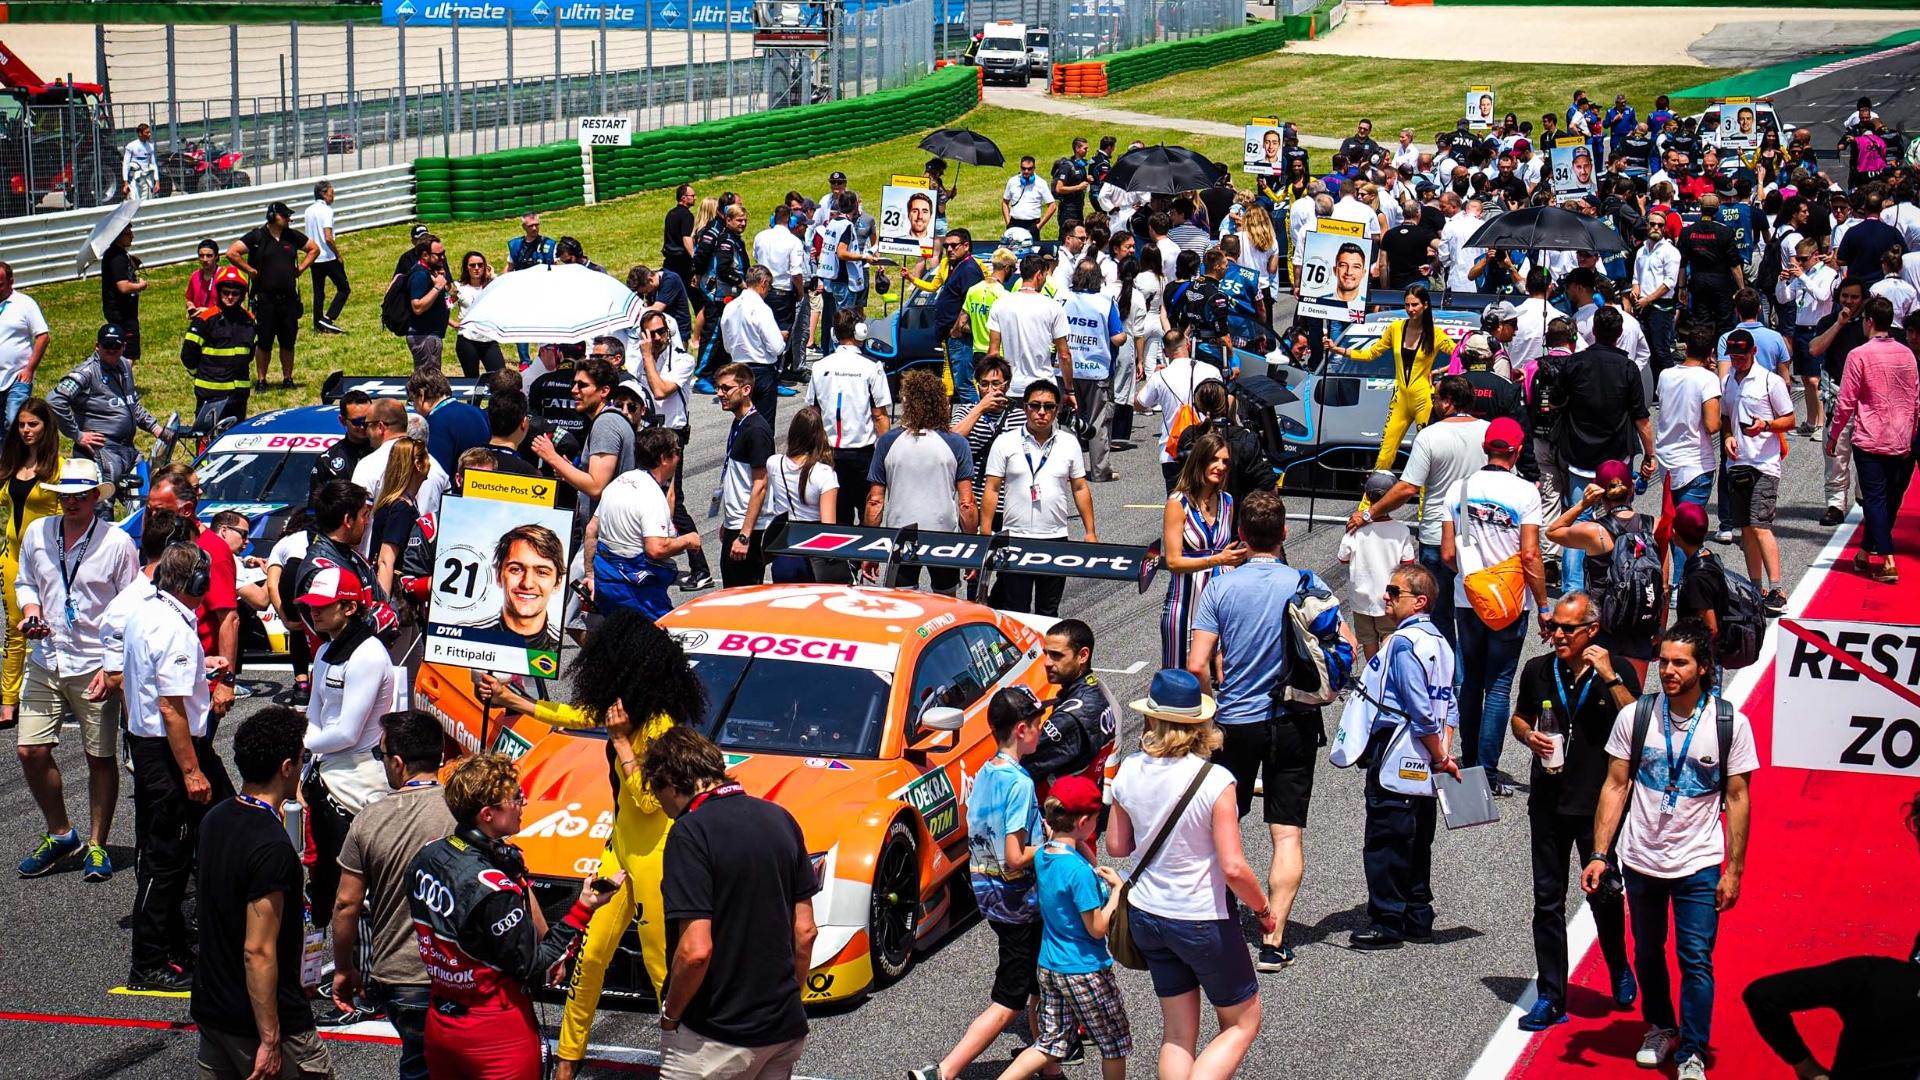 Con la vittoria diNico Muller in gara 2 si chiude il weekend del DTM a Misano.